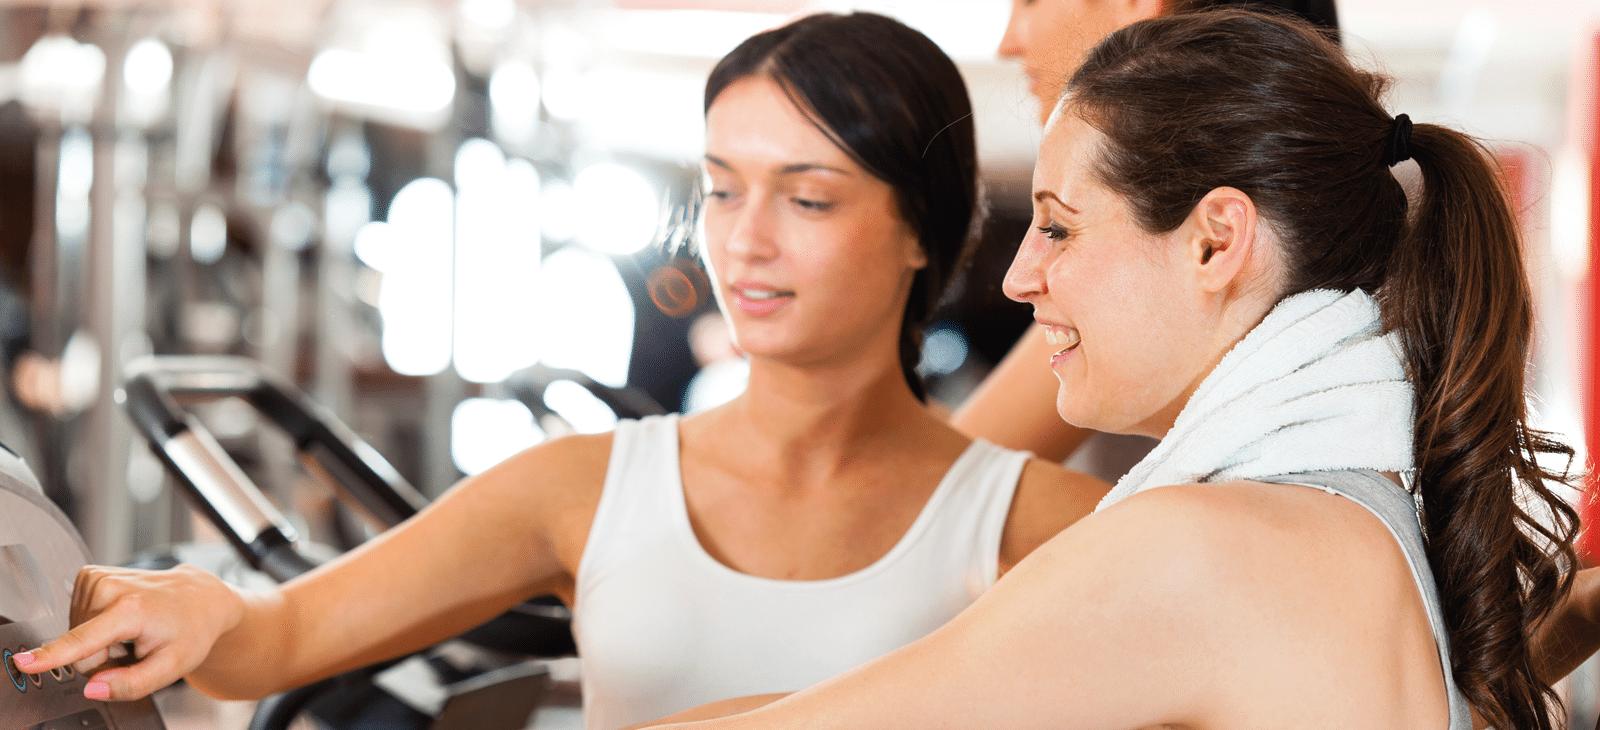 Trainerin im Fitnessstudio bei der Trainingseinweisung